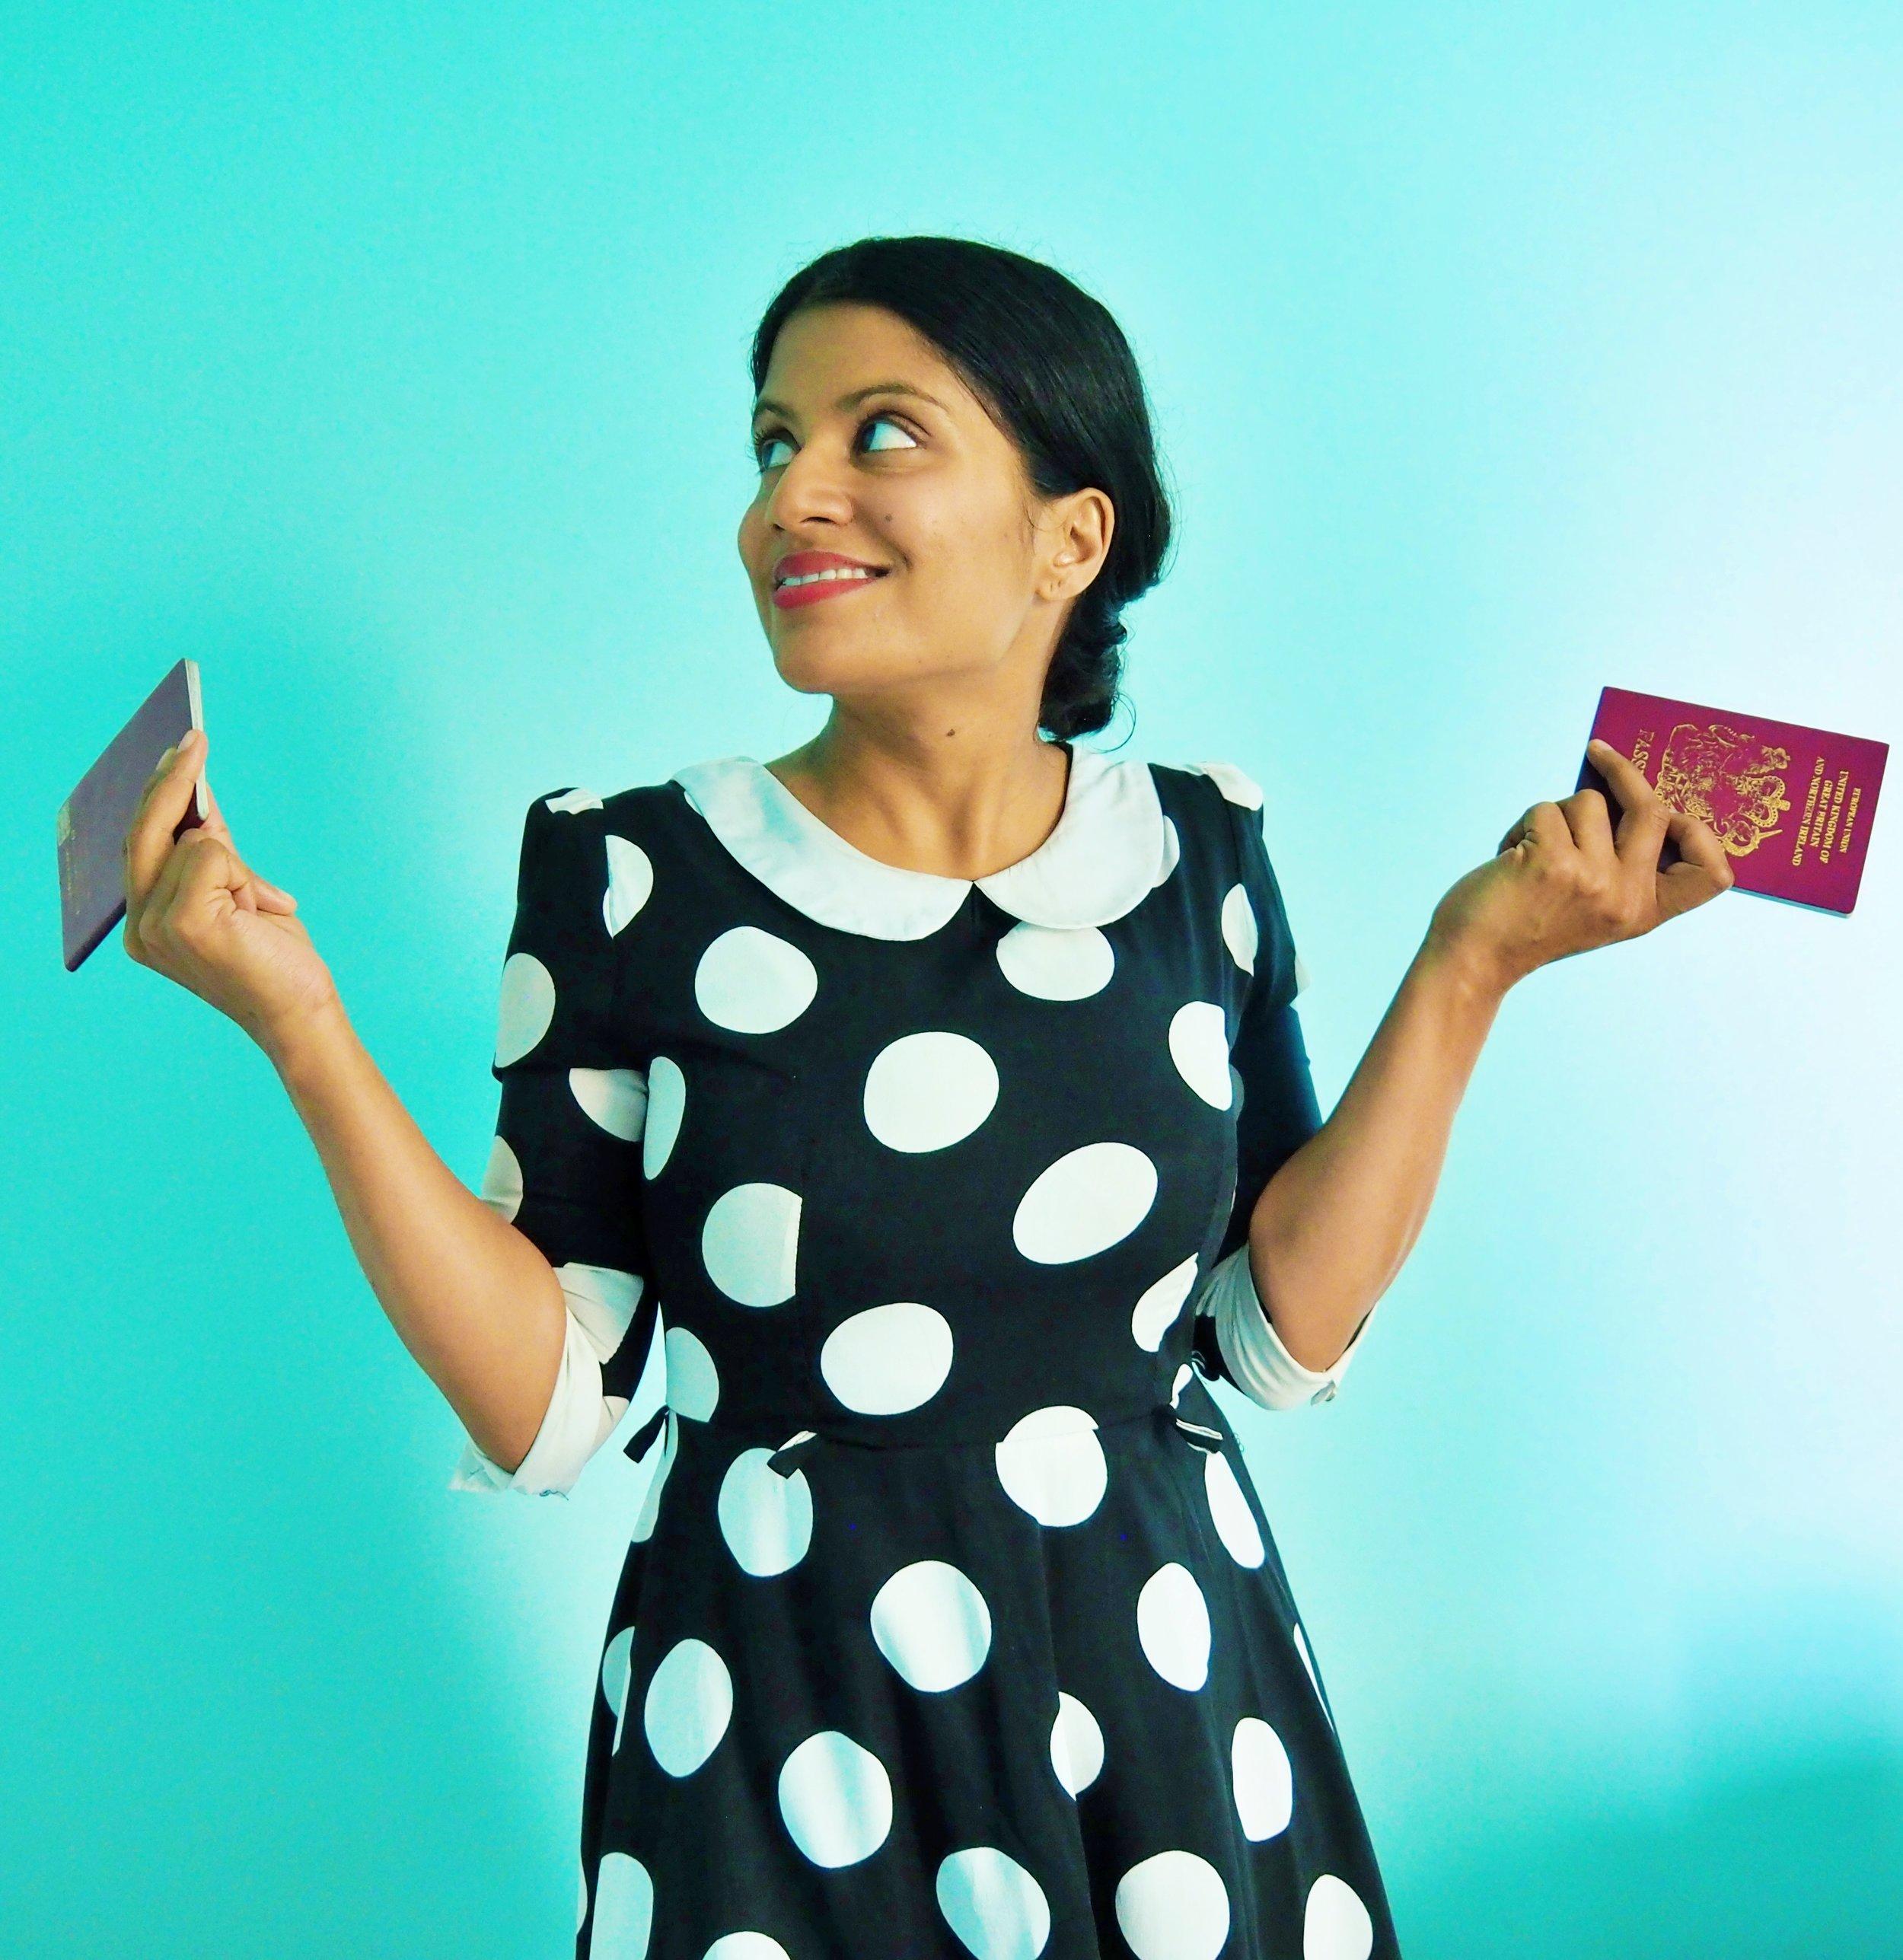 Me rocking my passport privilege